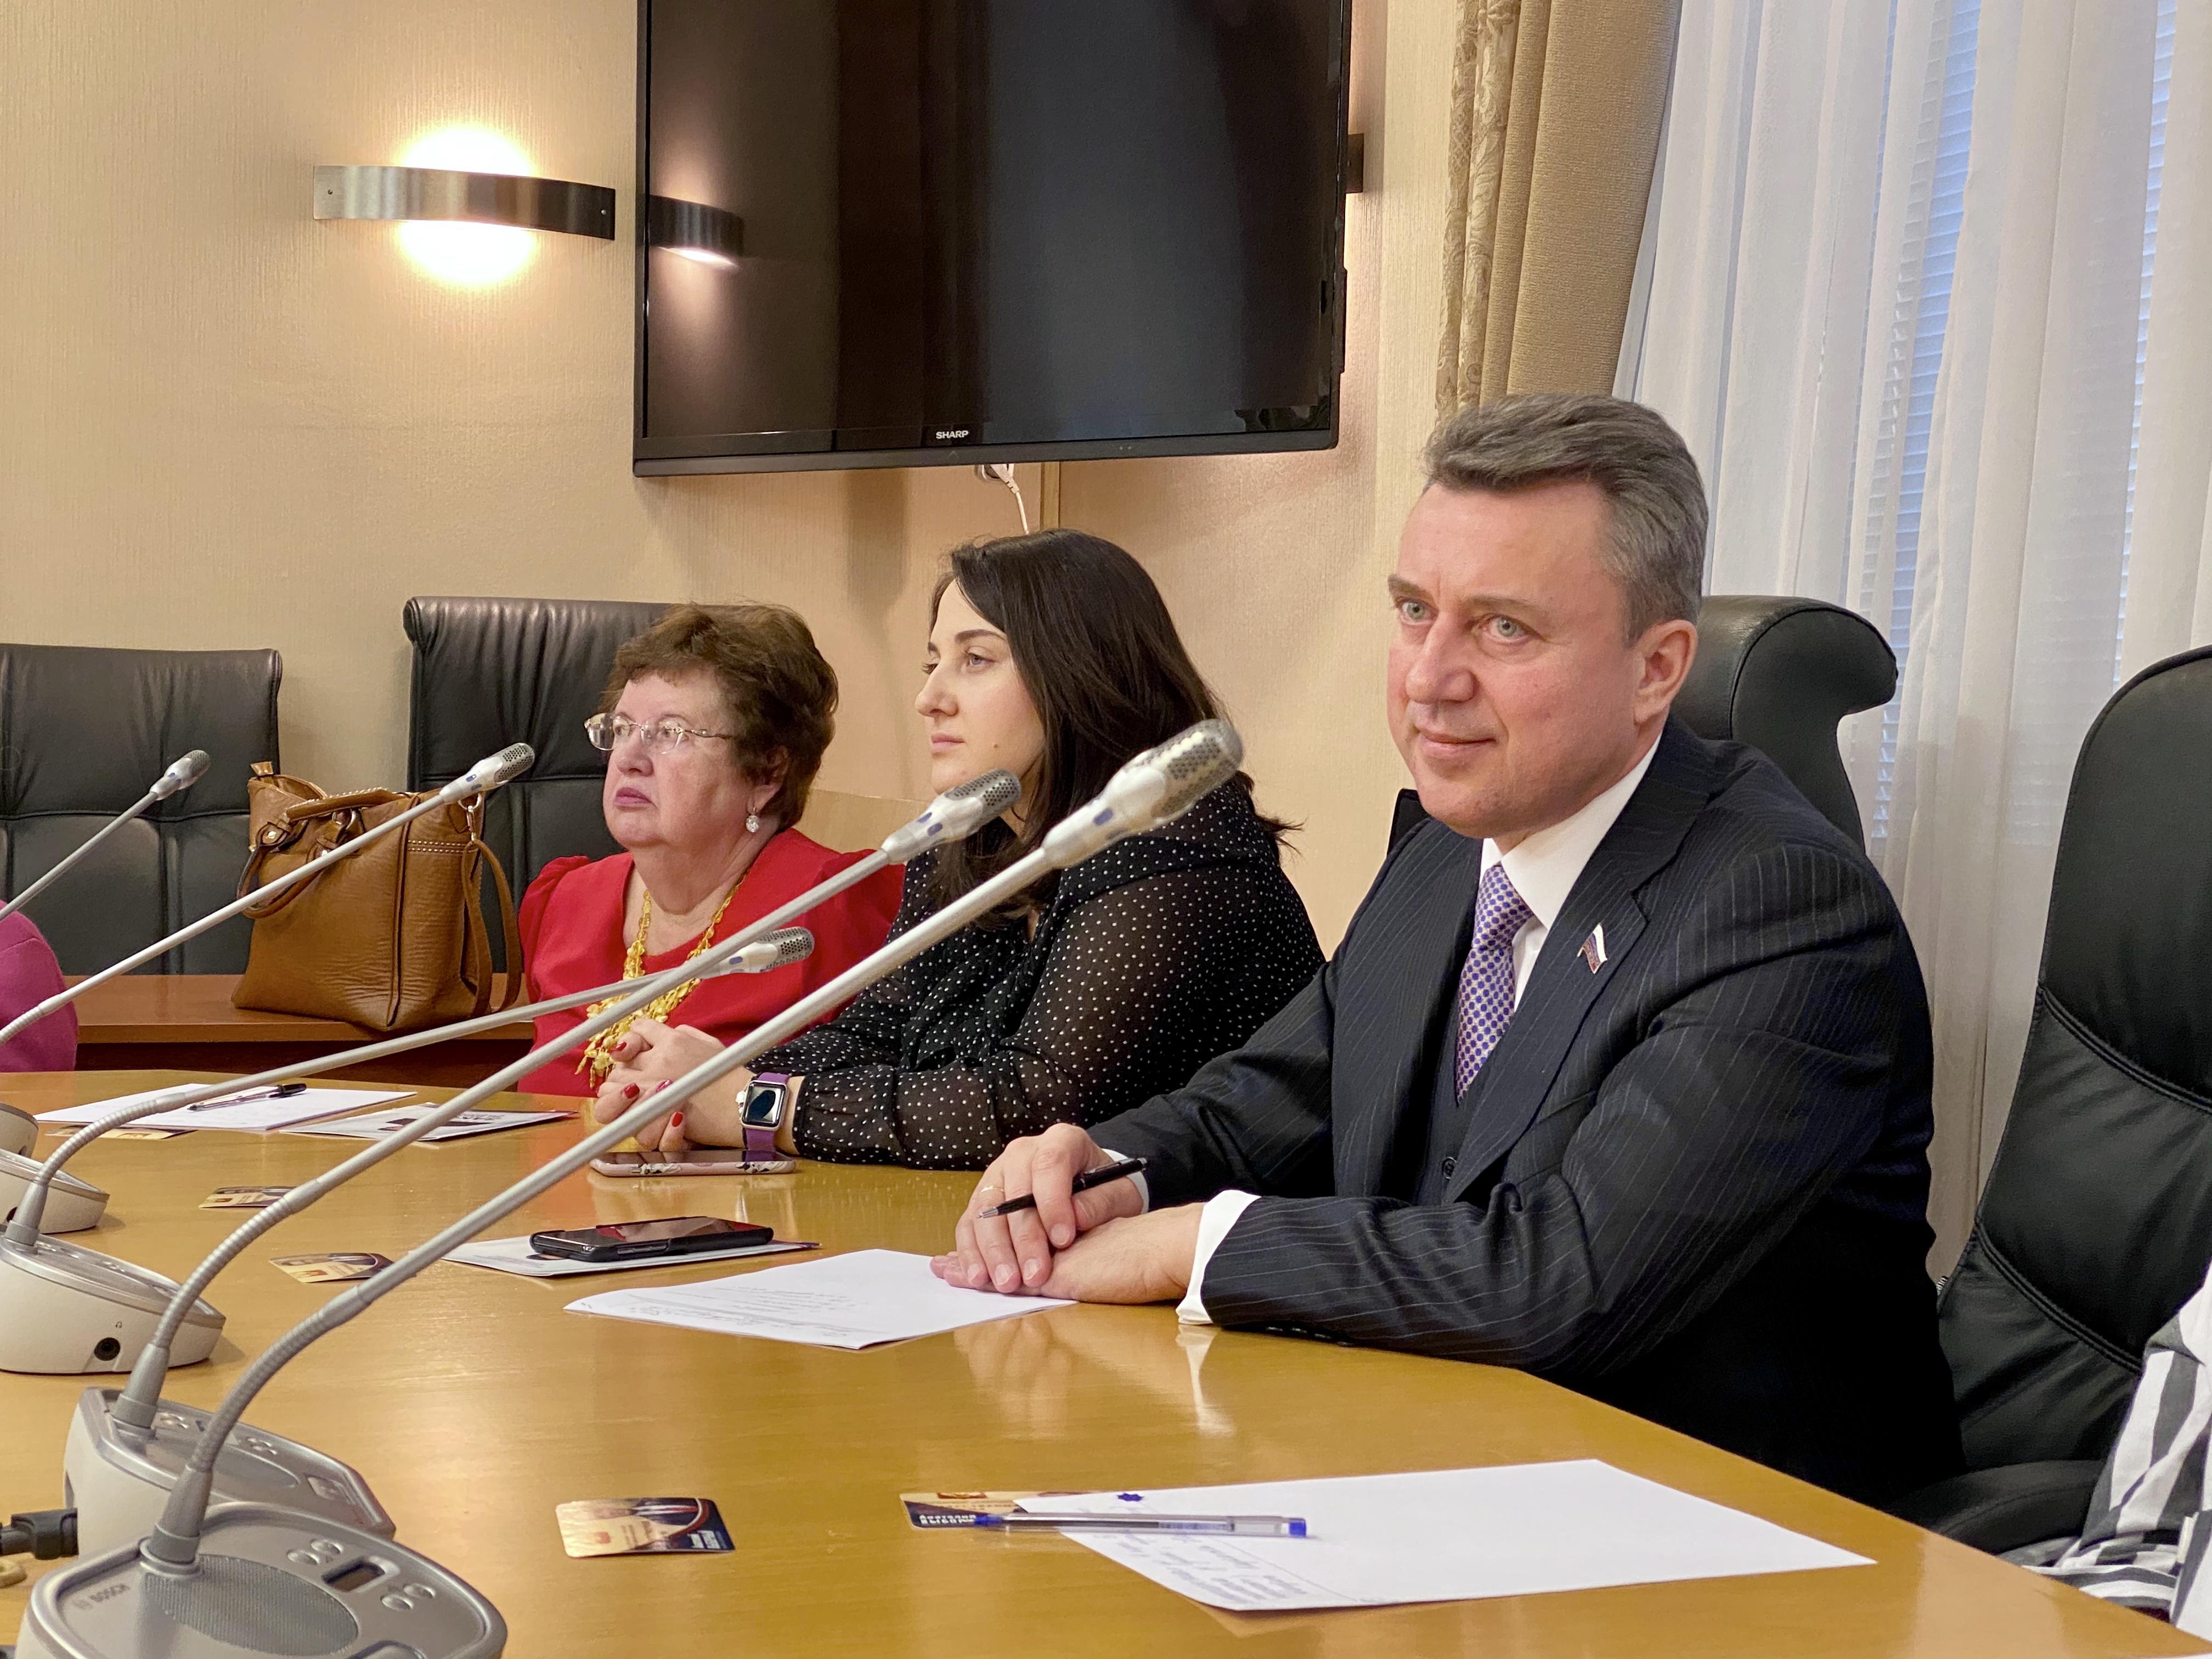 Анатолий Выборный: «Люди с ограниченными физическими возможностями нуждаются в поддержке государства и нашем неравнодушии»